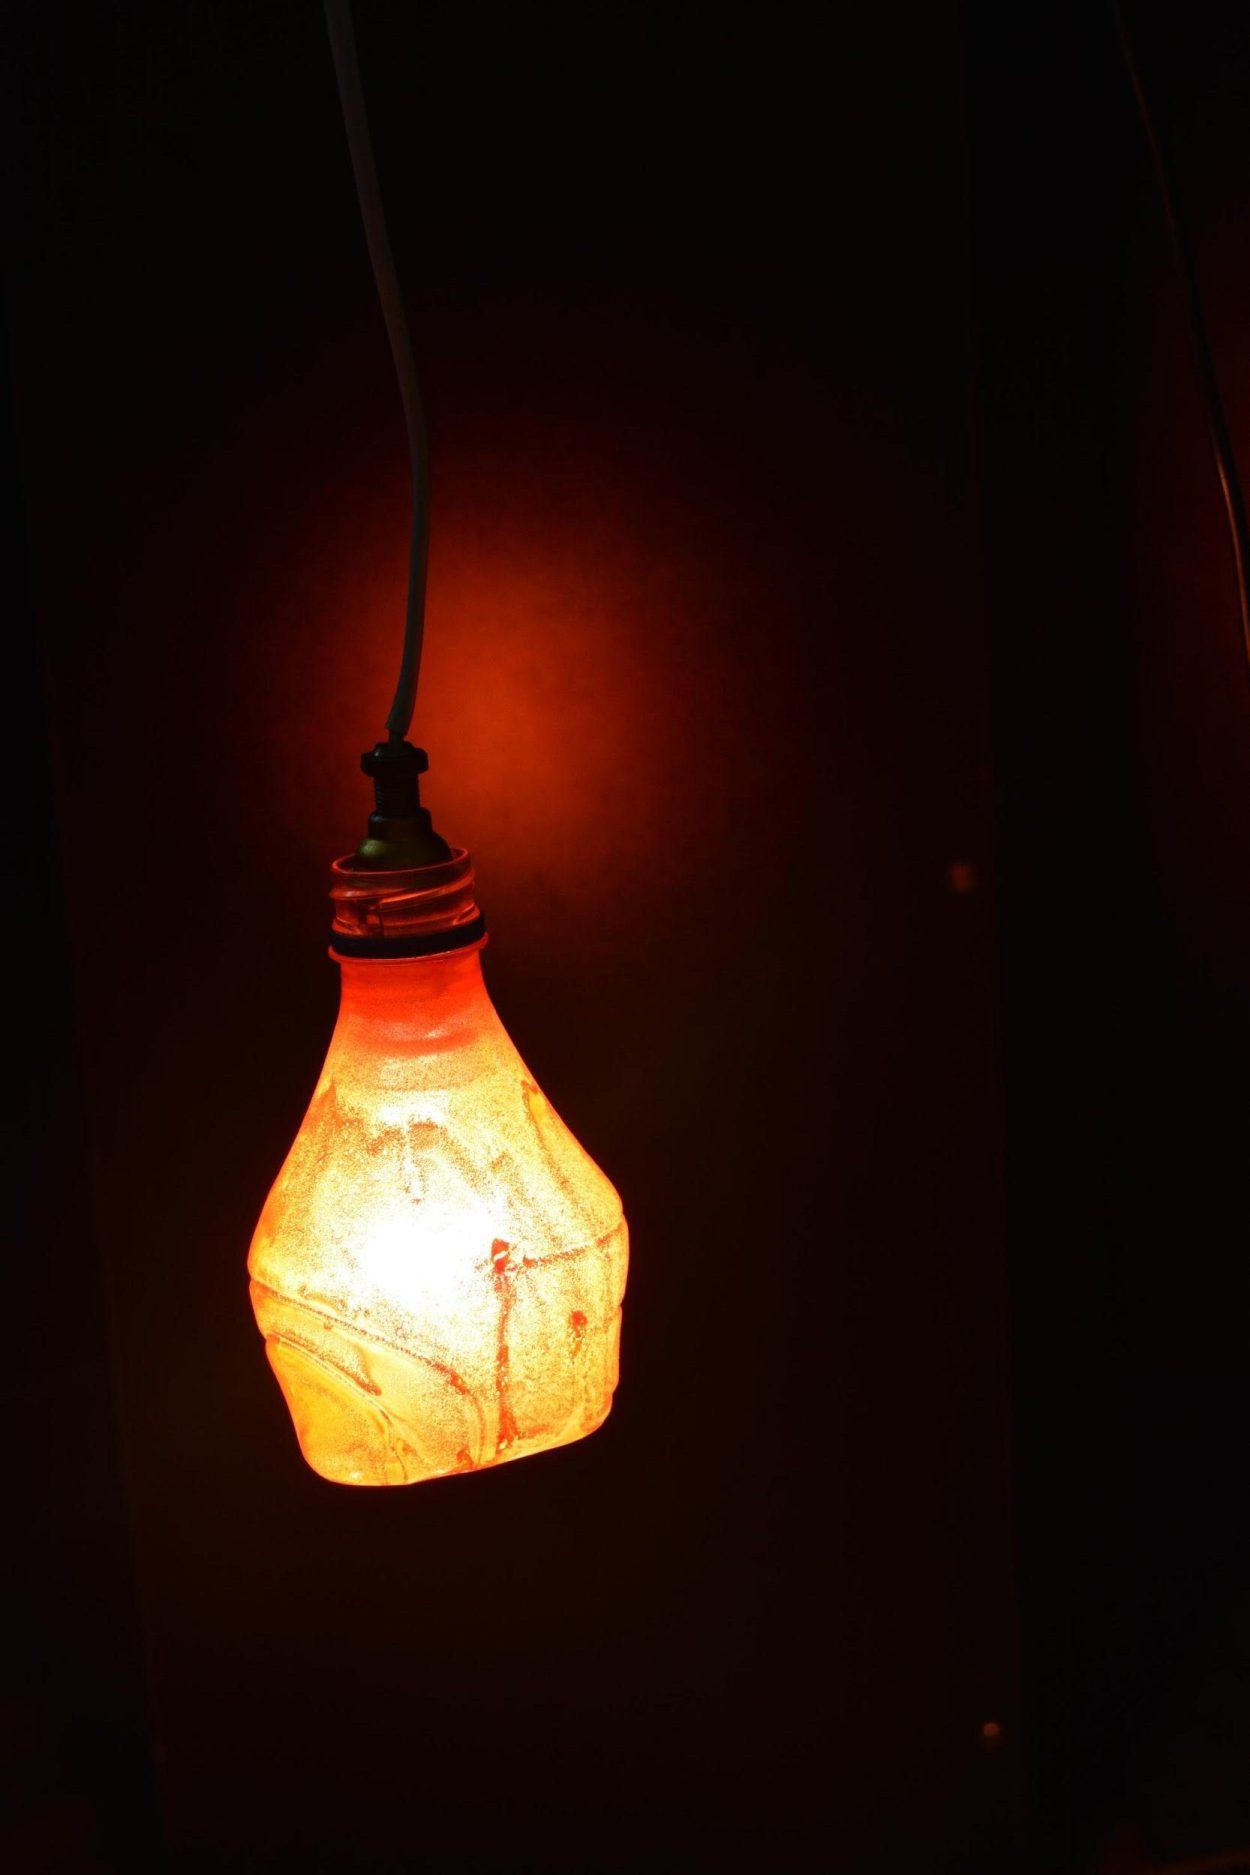 DIY Plastic bottle light